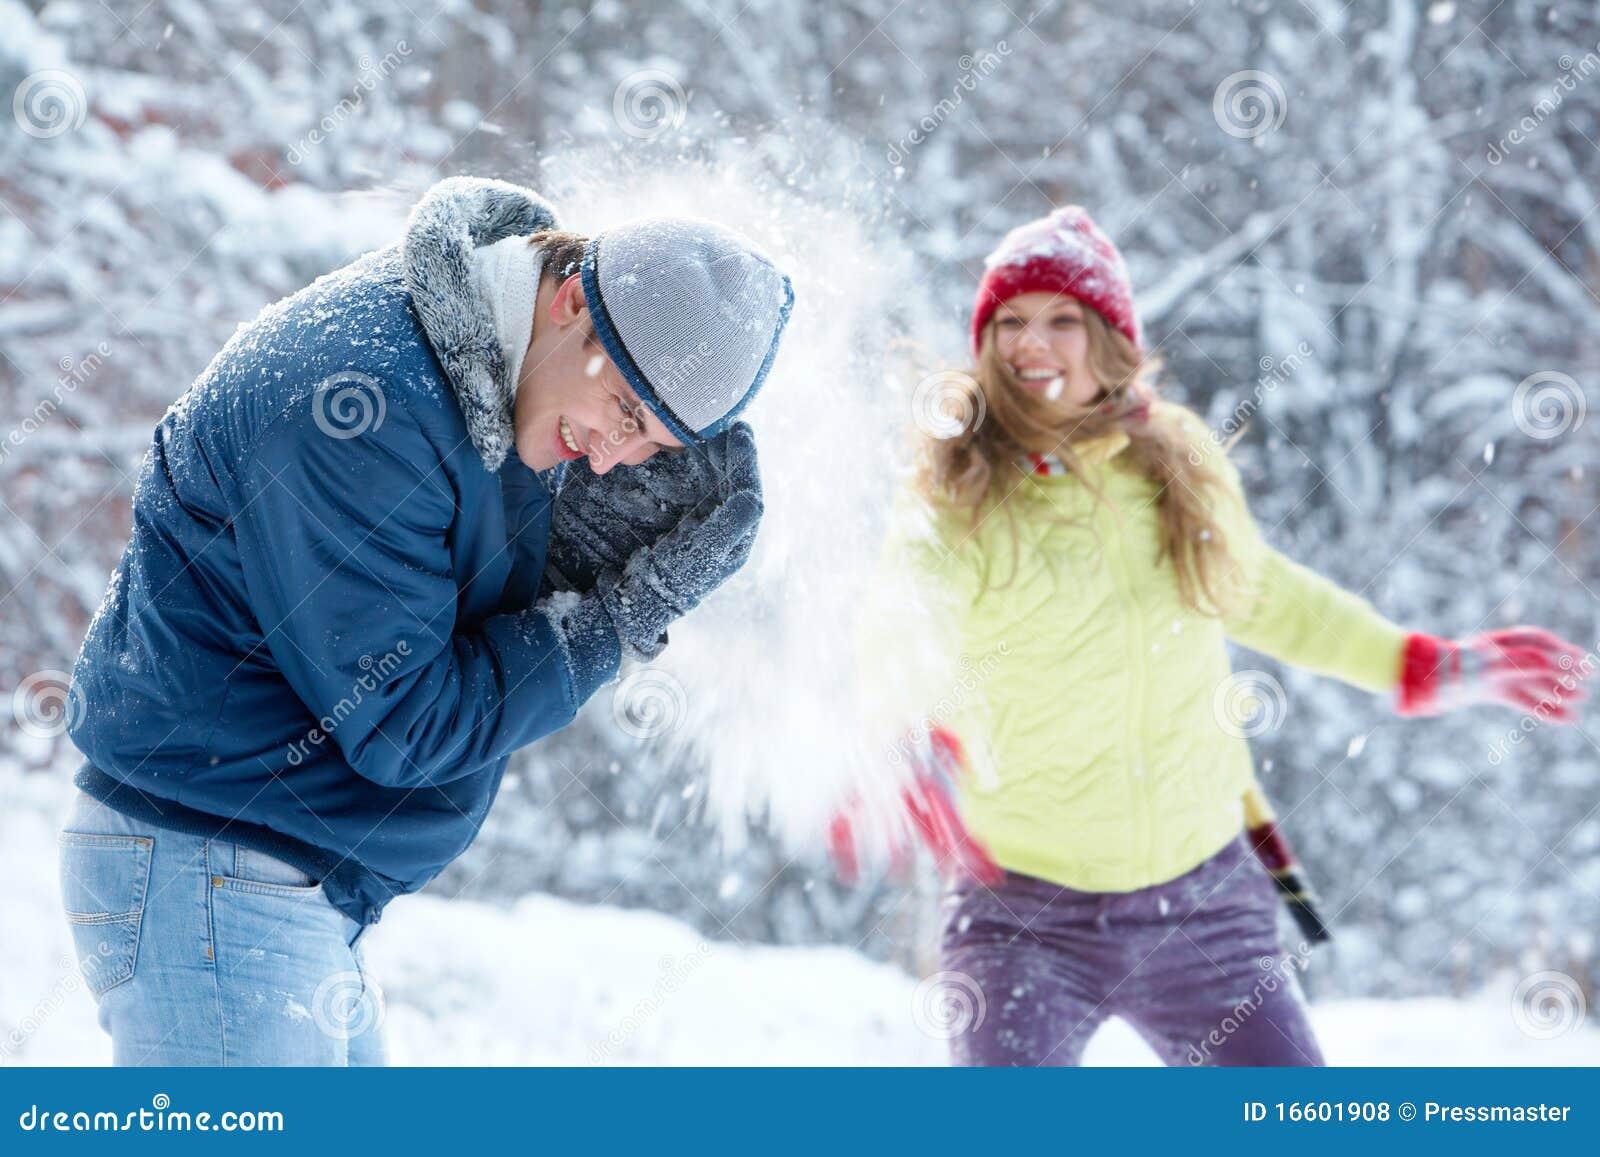 Рассказ зимой с мамой на даче 6 фотография